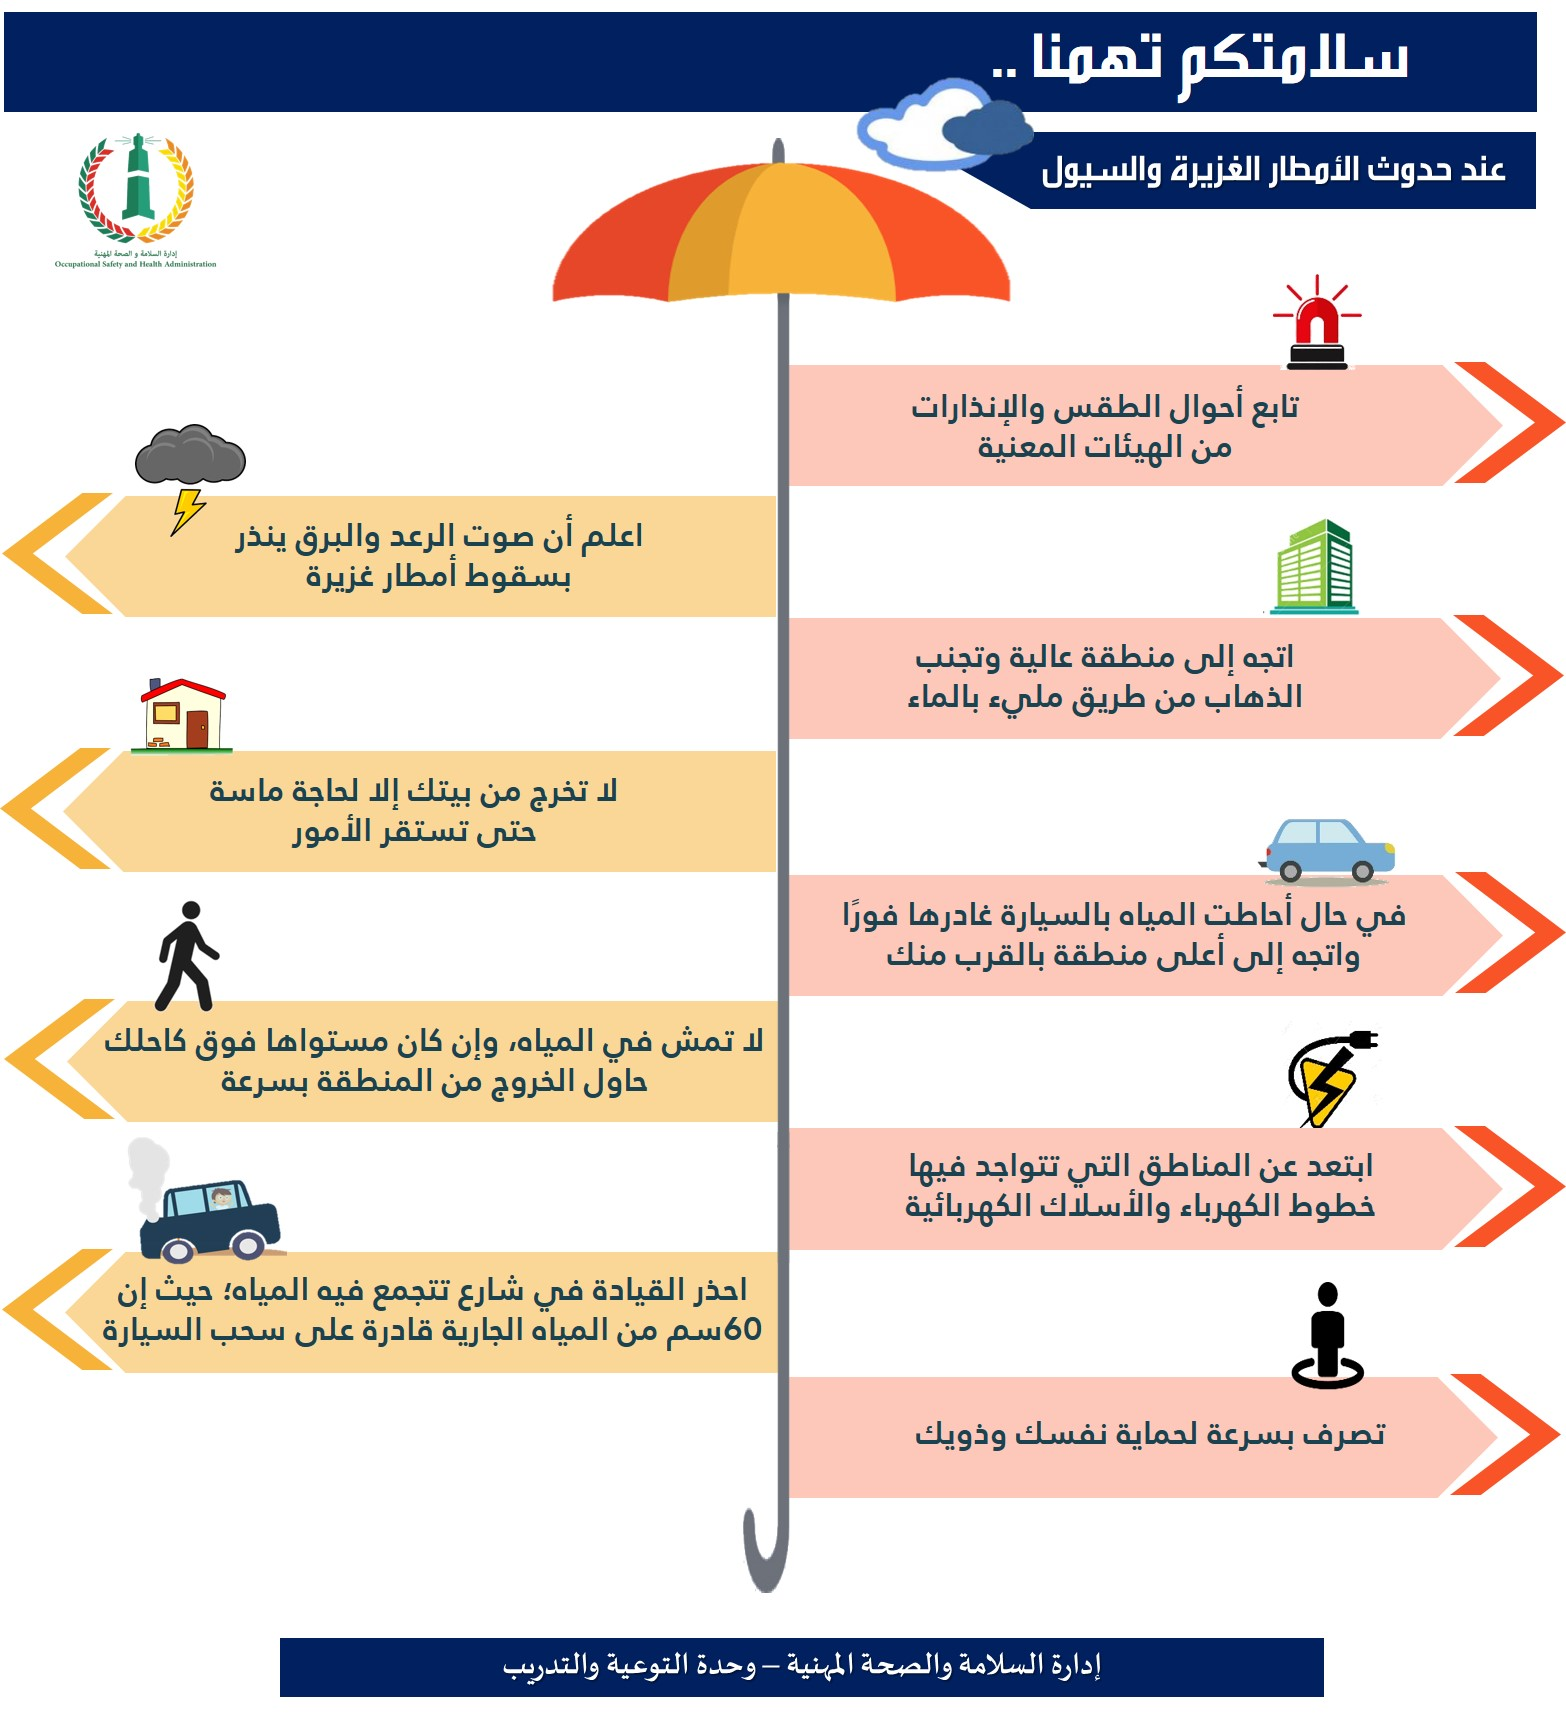 الجدول الزمني اختراع بونو ملصقات الأمن والسلامة المدرسية مصر Drivingoz2uk2 Com